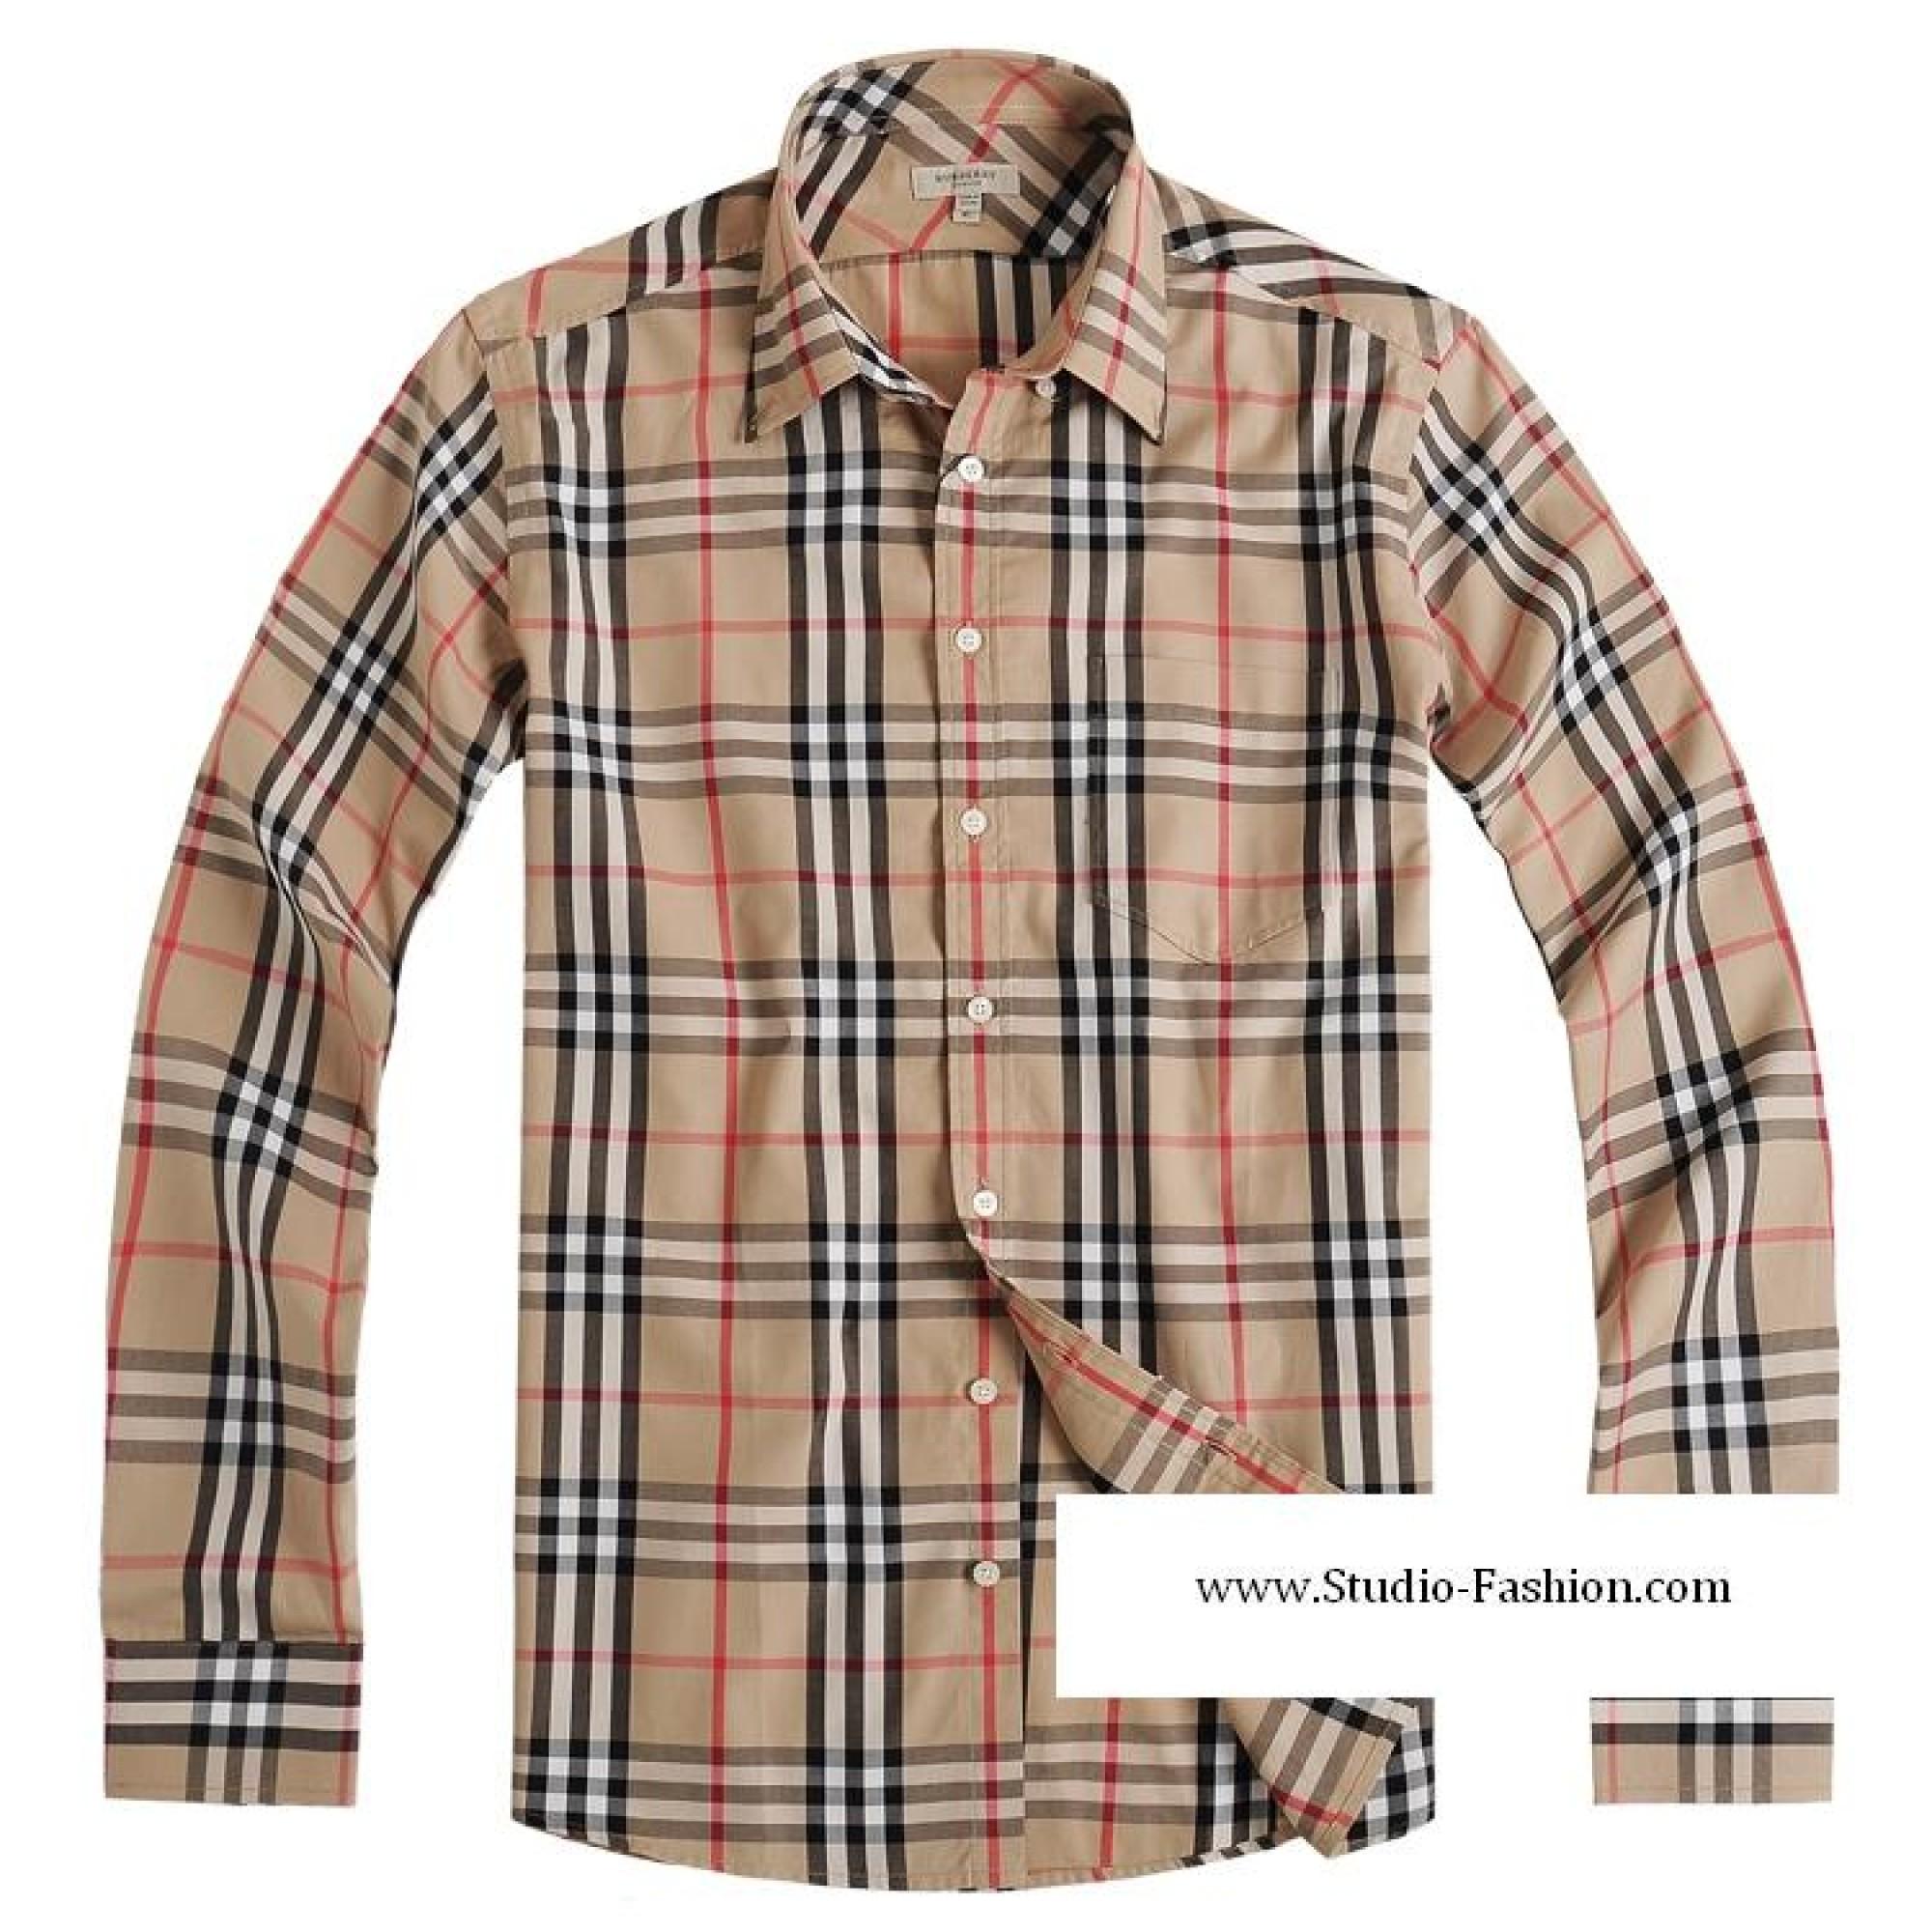 244f1e2cb662 Купить мужская клетчатая рубашка burberry — в Киеве, код товара 1257